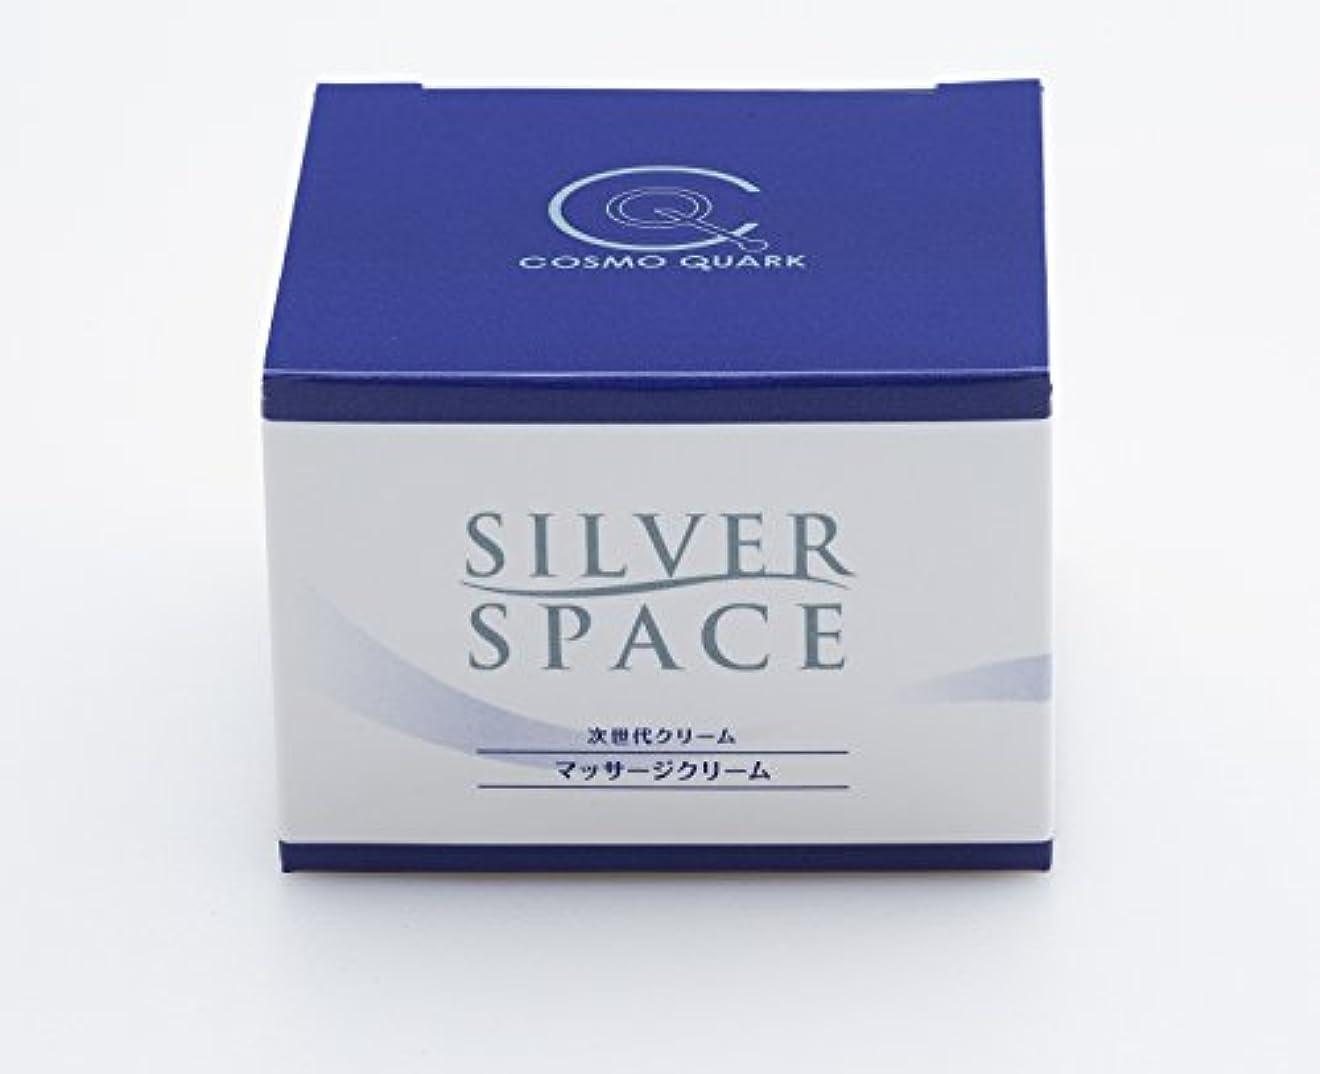 もしインデックス検体クオンタムキュア(Quantum Cure)SILVER SPACE シルバースペース